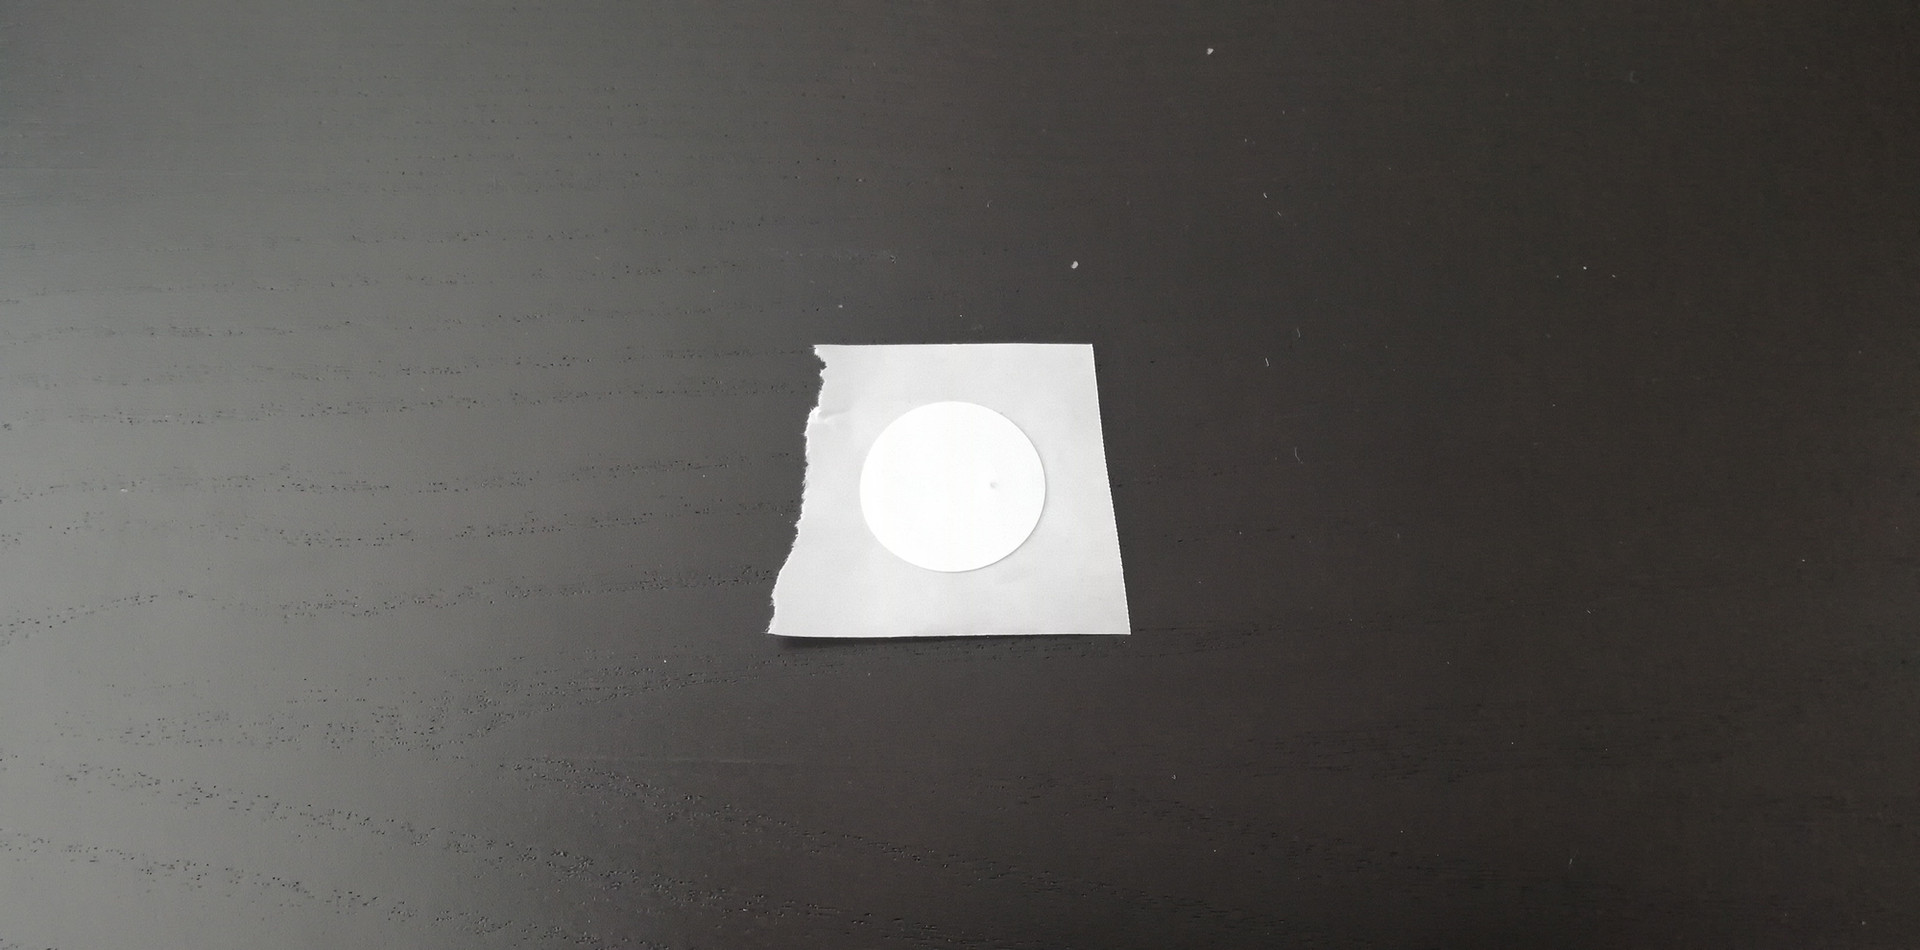 Kúpte si NFC nálepku (NTAG 213), môžete si ju kúpiť na stránkach Amazon alebo AliExpress